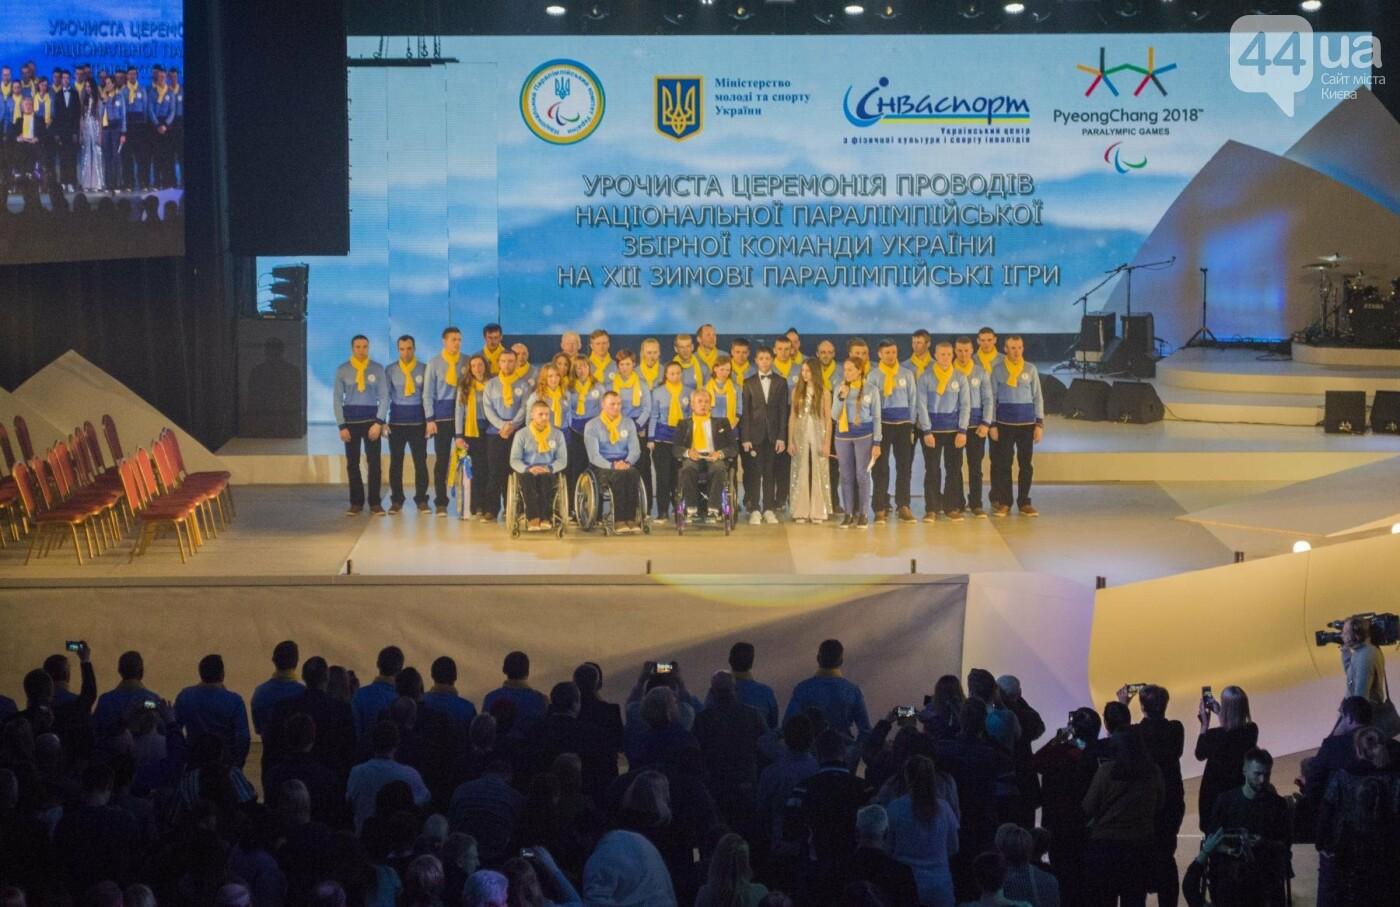 Первая леди, министры и звезды: как провожали украинских паралимпийцев в Южную Корею, фото-19